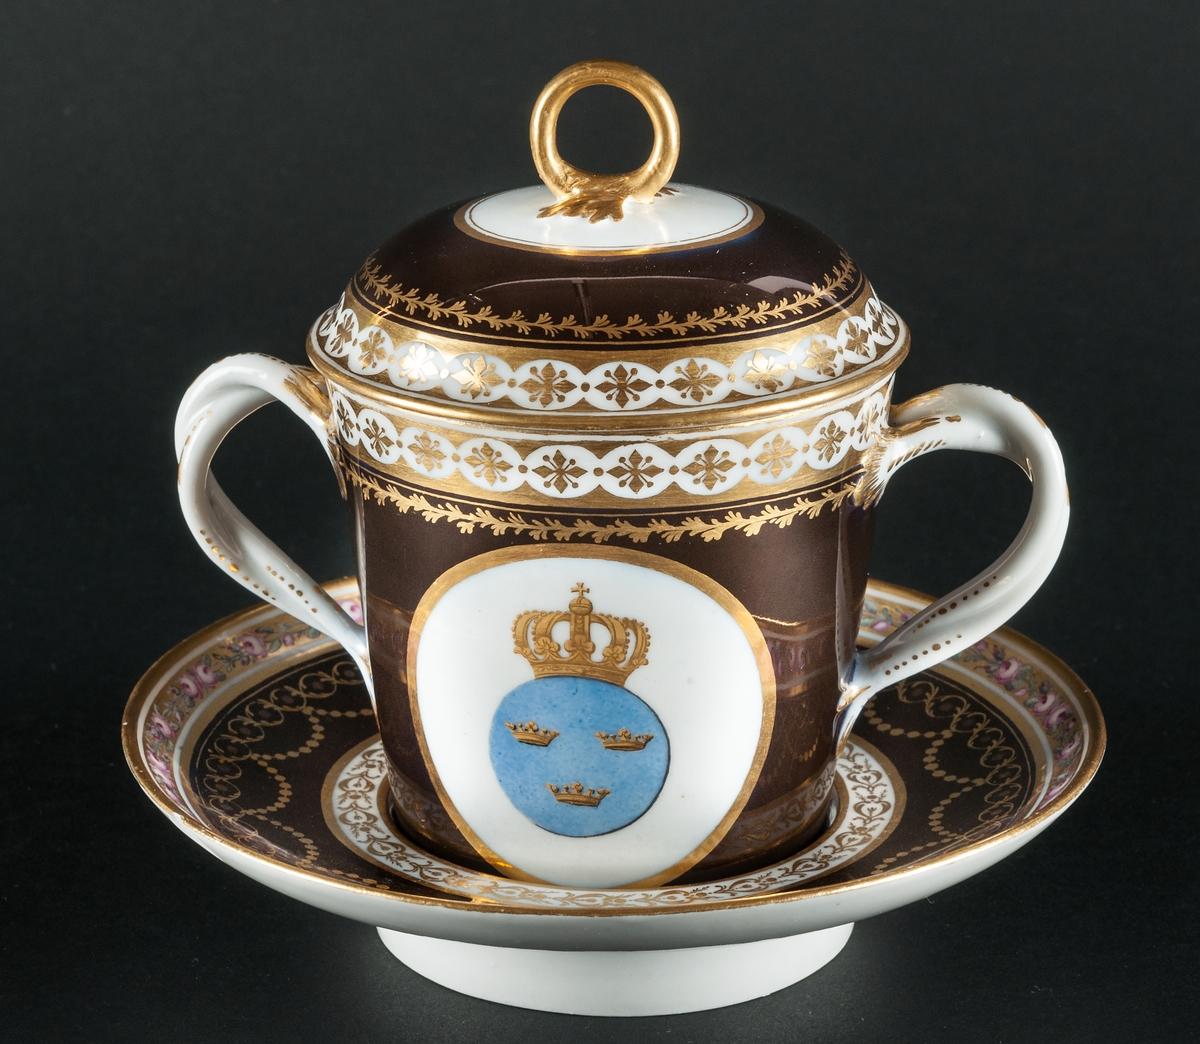 Kejsarinnans kopp med fat från S:t Petersburg 1792-1796. Koppens höjd 9 cm, fatet 16 cm i diameter. Koppen är en gåv a av kejsarinna Katarina II till Gustav !V Adolf. Koppen som är dekorerad i blått,brunt, guld och rosenslingor har GustavIV Adolfsnamnskiffer på ena sidan och lilla Svenska riksvapnet på den andra. Koppen, en choklad kopp har två snodda grepar och ett lock med en mittögla. Koppen förvärvades till Gävle museum i samband med nyinvigningen av konsthantverkssalarna 1967.